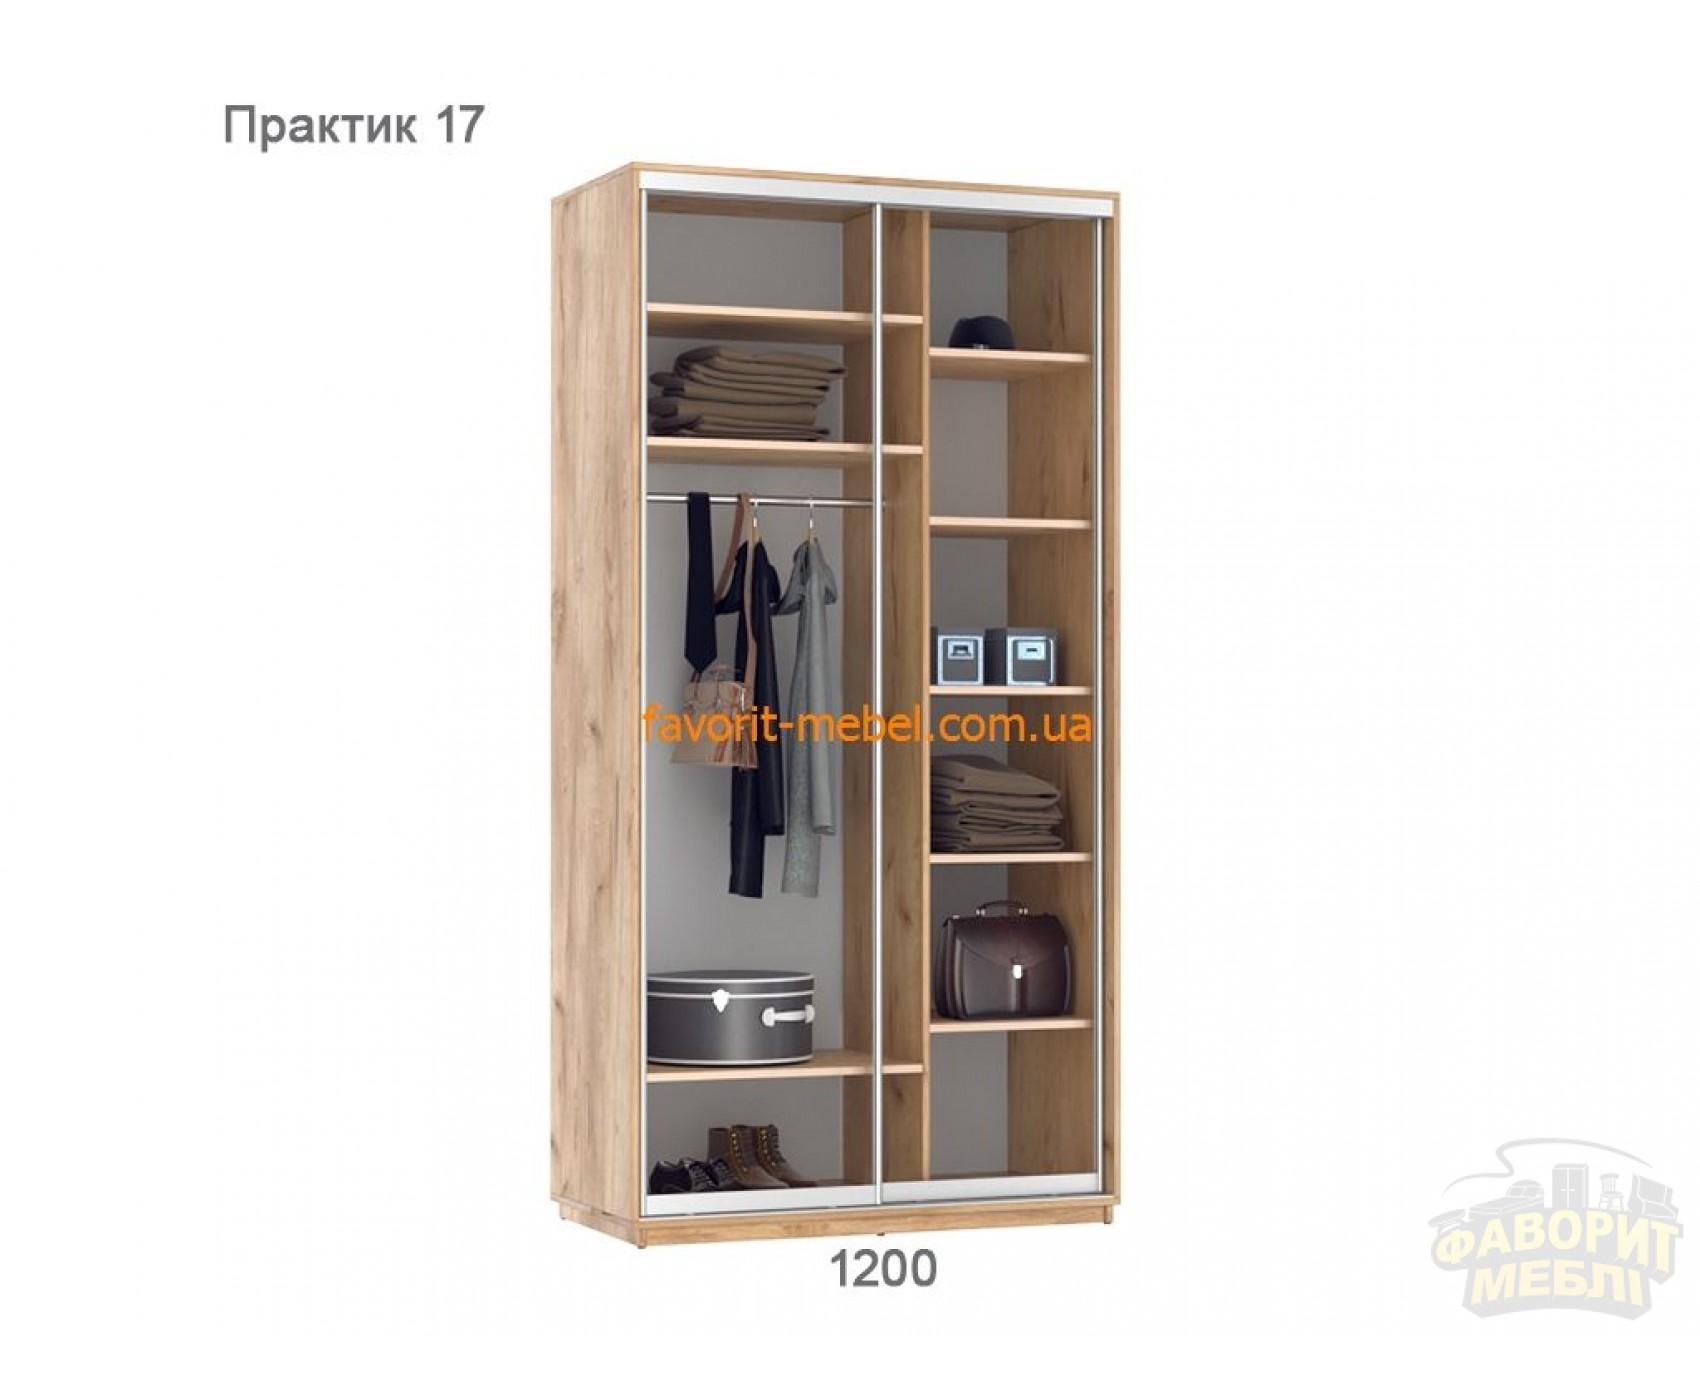 Шкаф купе Практик 17 (120х60х240 см)